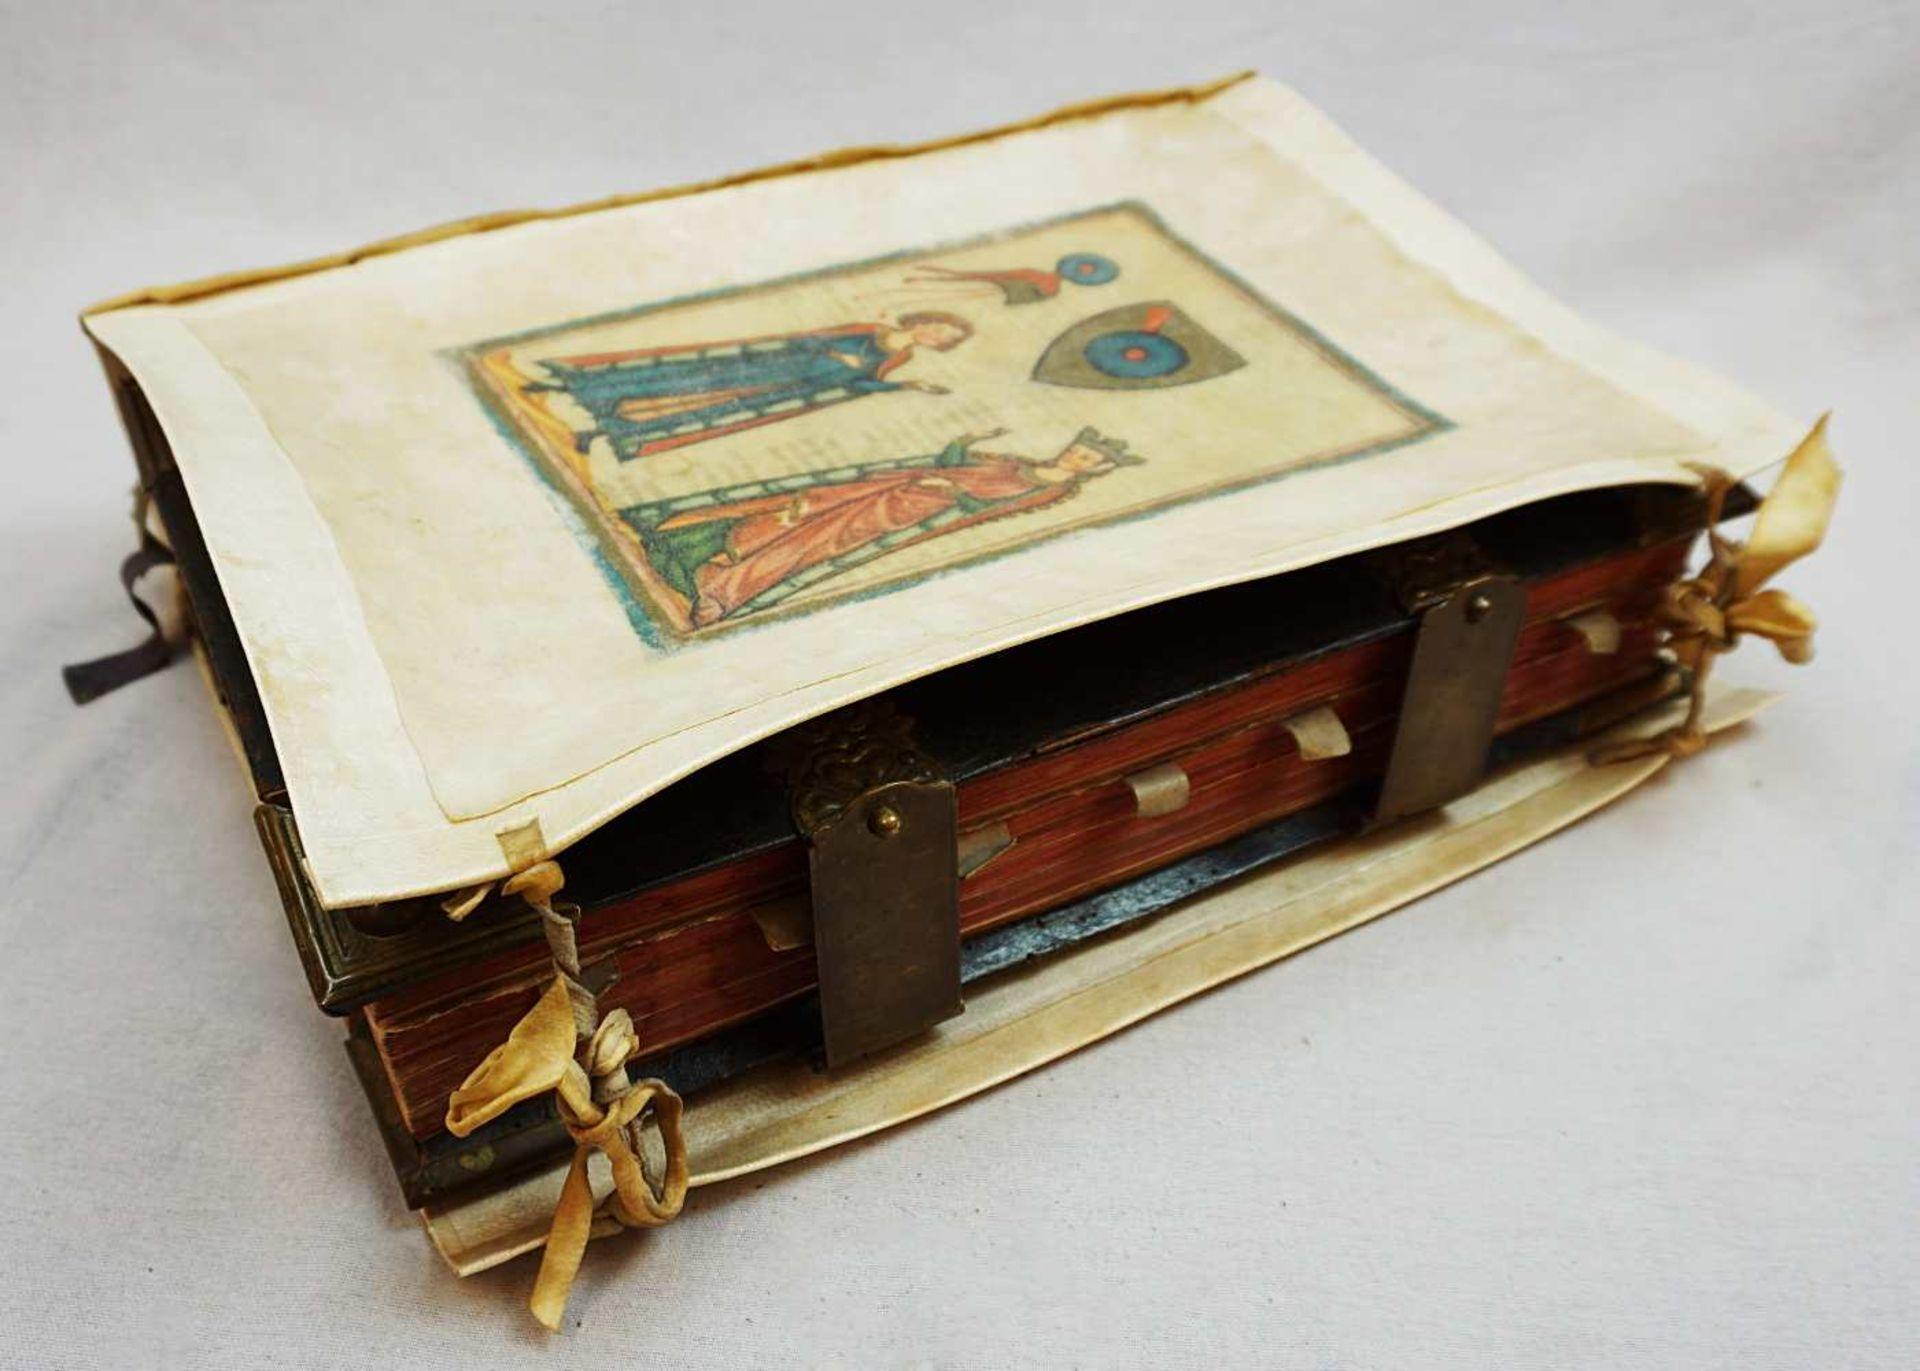 """1 Buch """"Missale Romano-Moguntinum ... D. Philippi Caroli"""" dat. 1742 mit Kupferstichen - Bild 2 aus 3"""